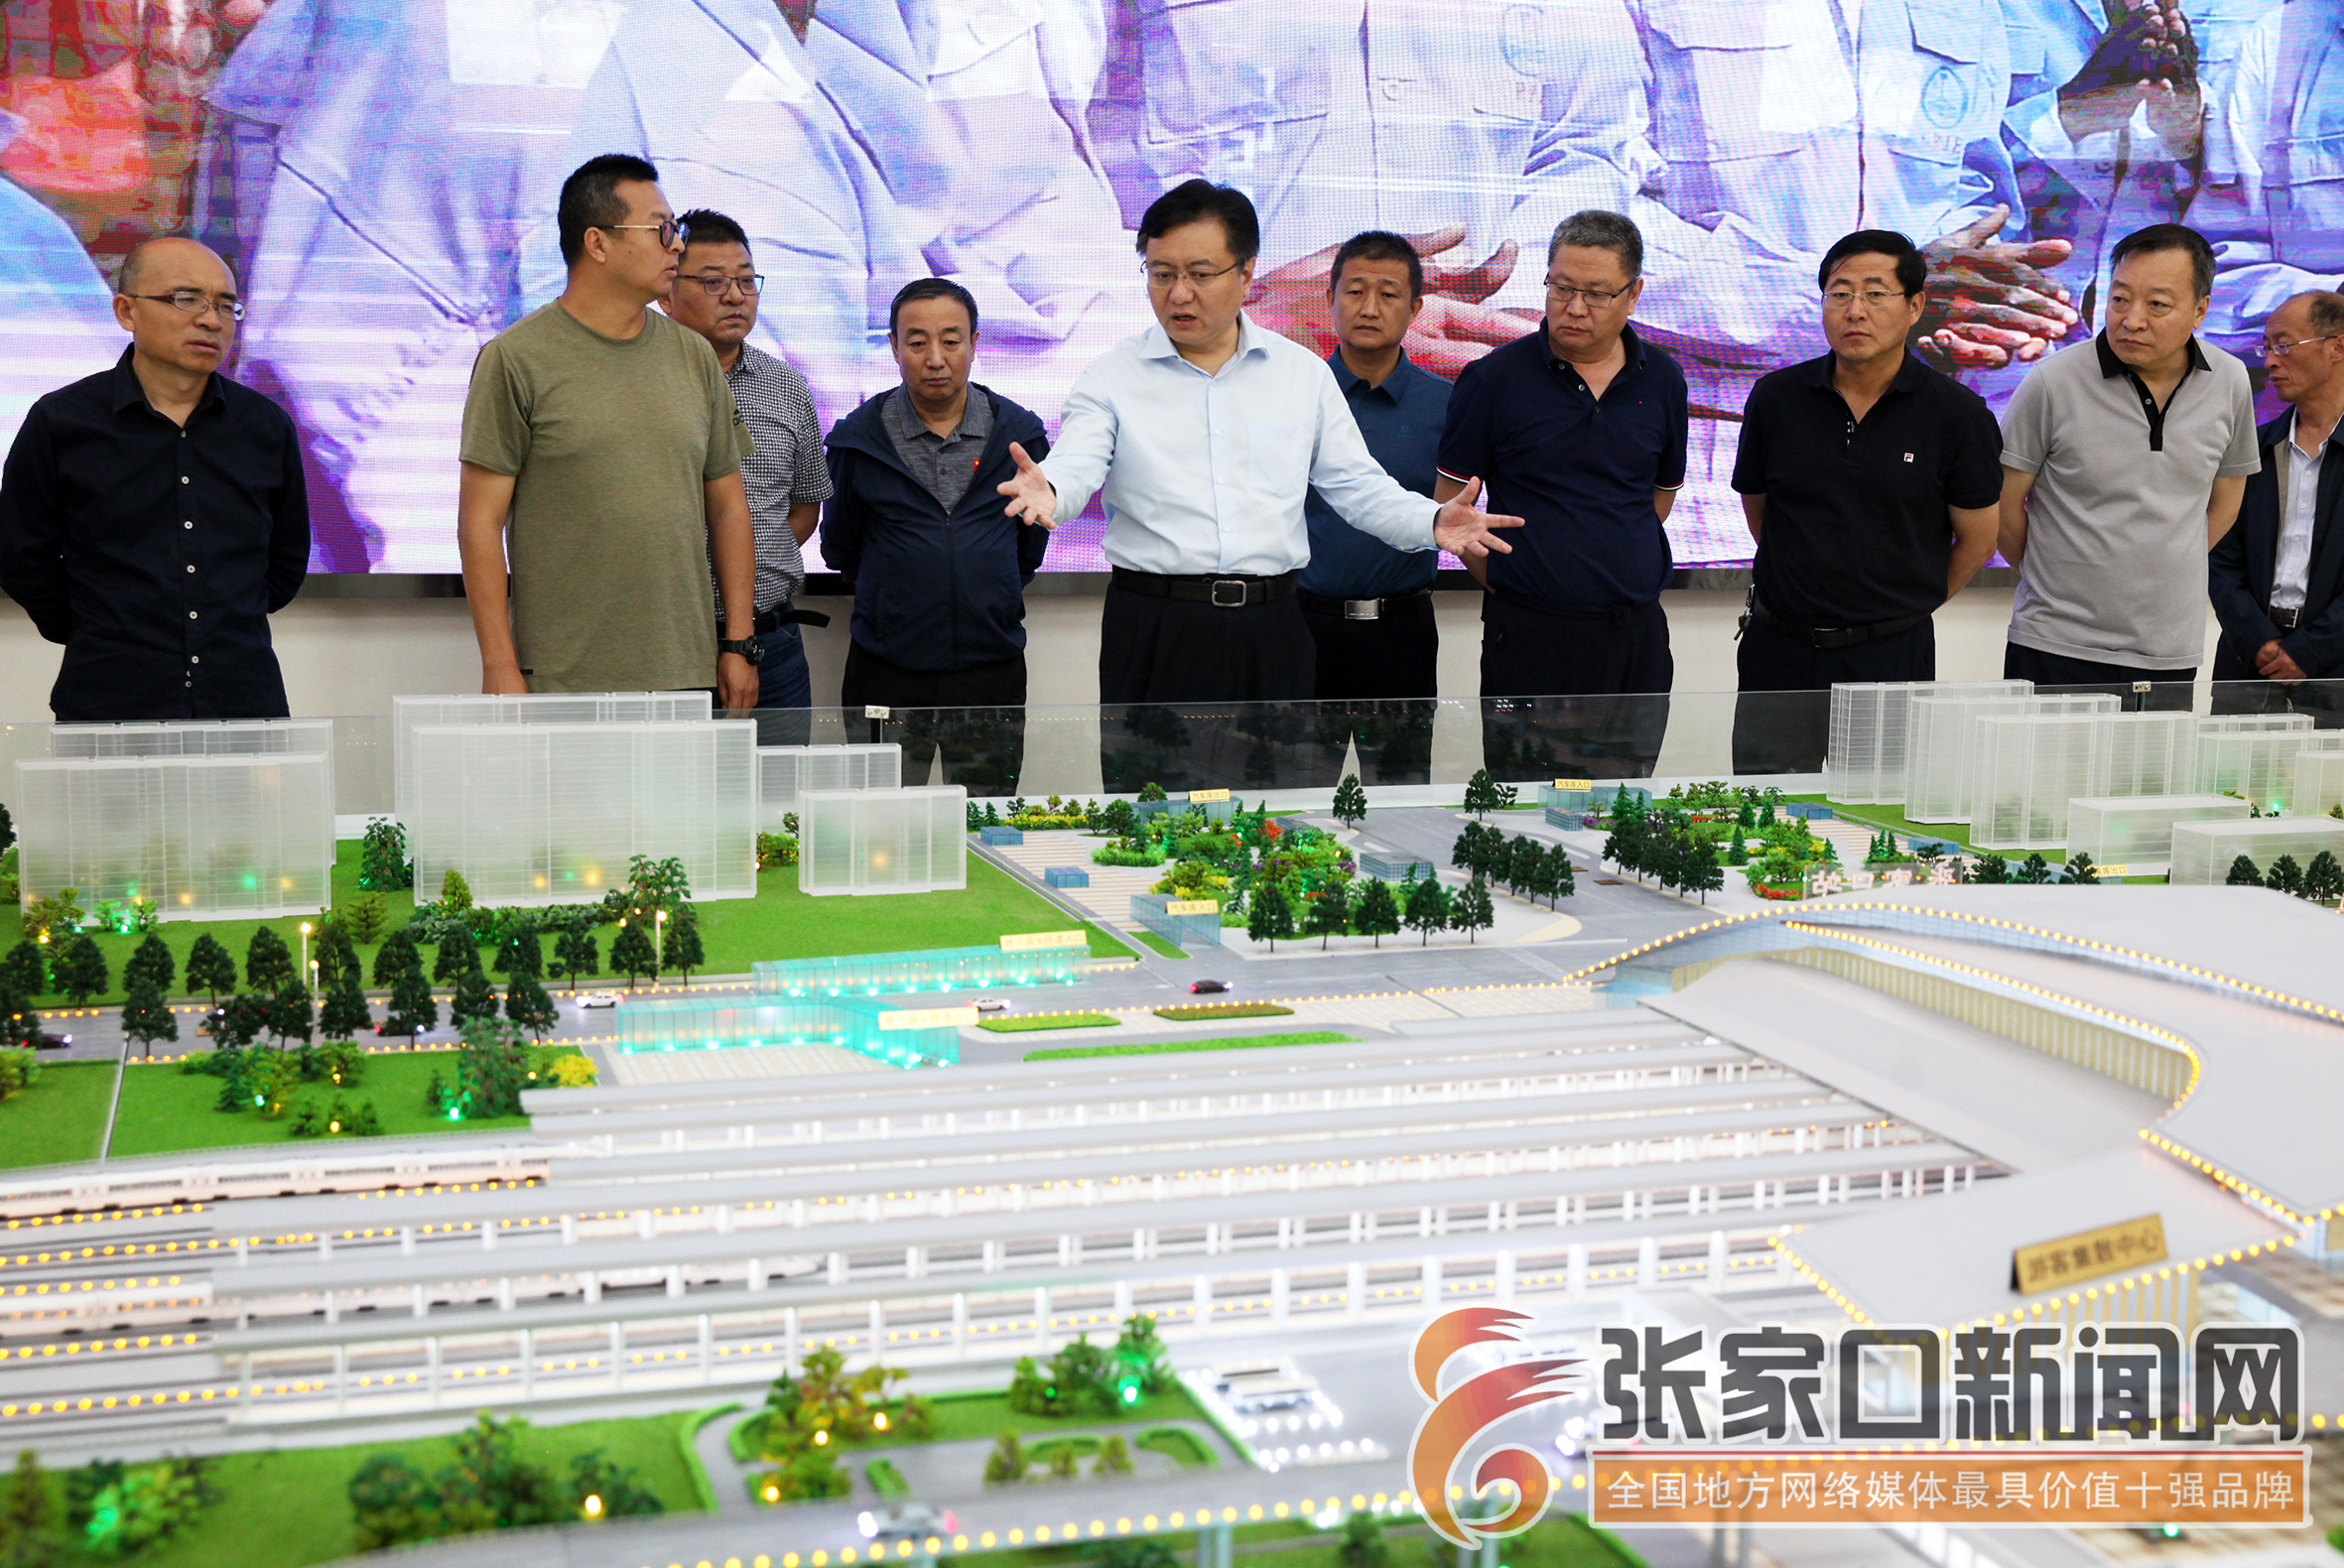 张家口市市长武卫东调度京张高铁张家口枢纽等项目建设进展情况